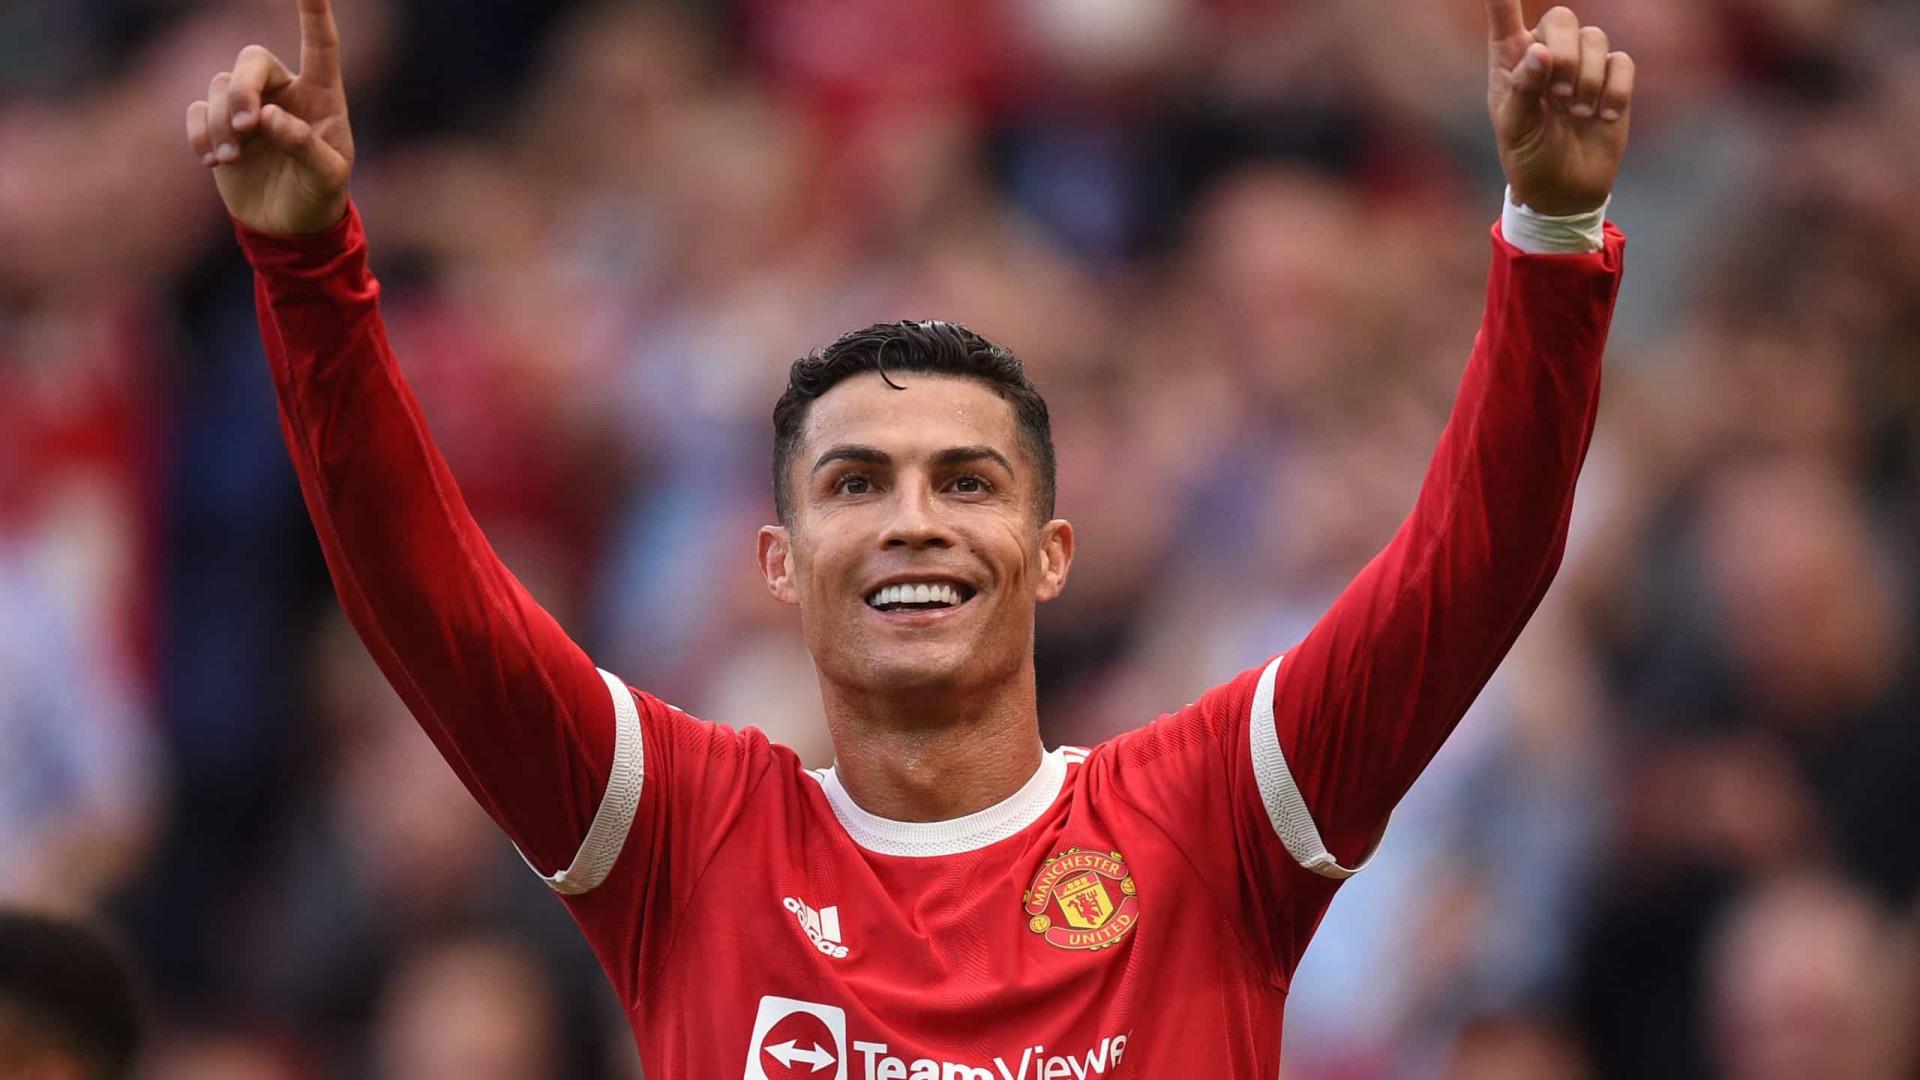 Cristiano Ronaldo supera Messi em R$ 600 mi em vendas de camisas, diz pesquisa